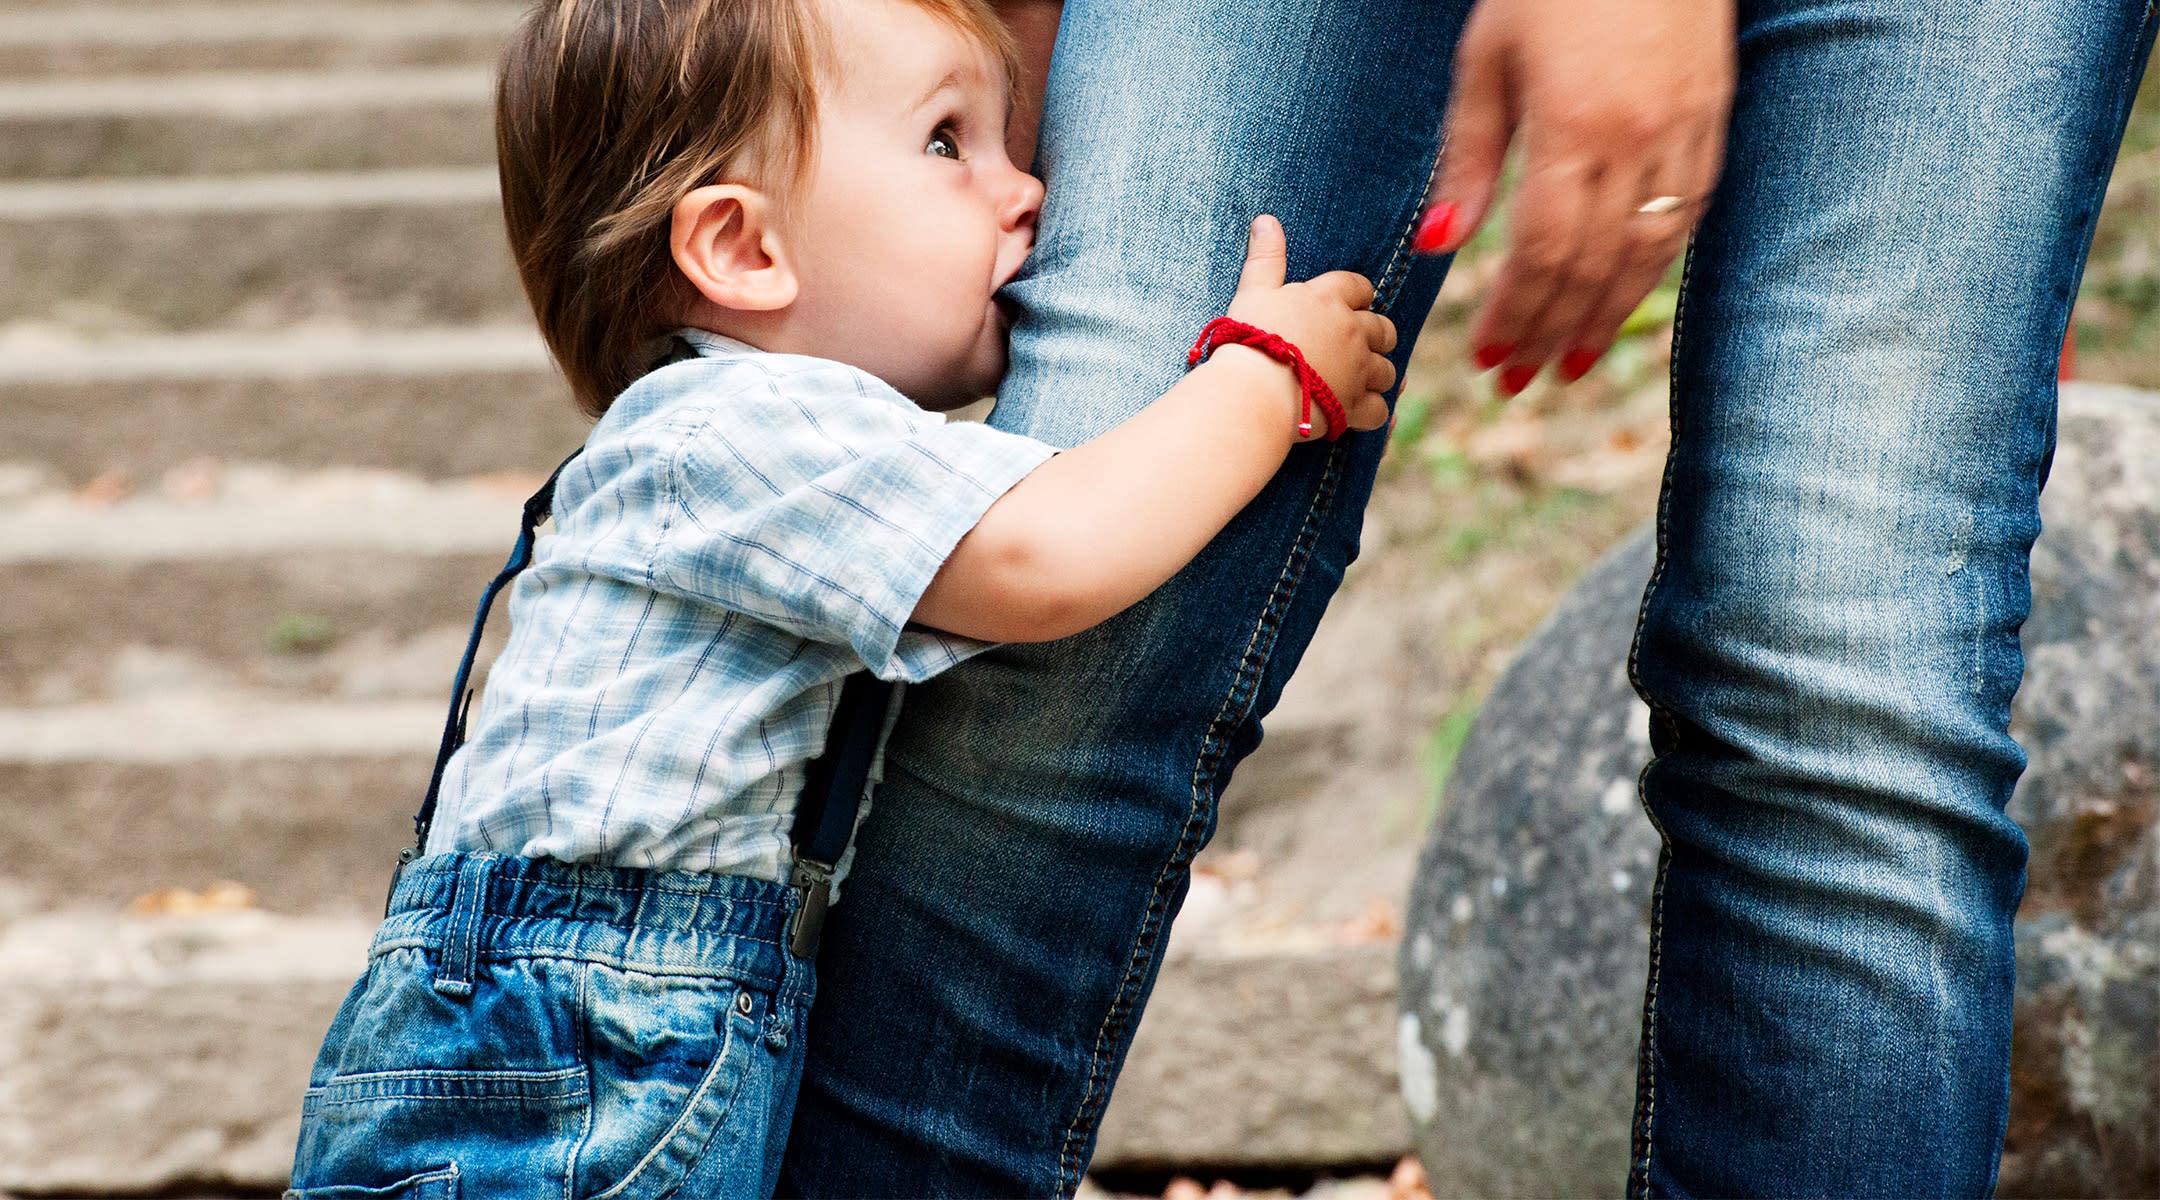 چطور گاز گرفتن کودک نوپا را متوقف و از بروز آن جلوگیری کنیم؟